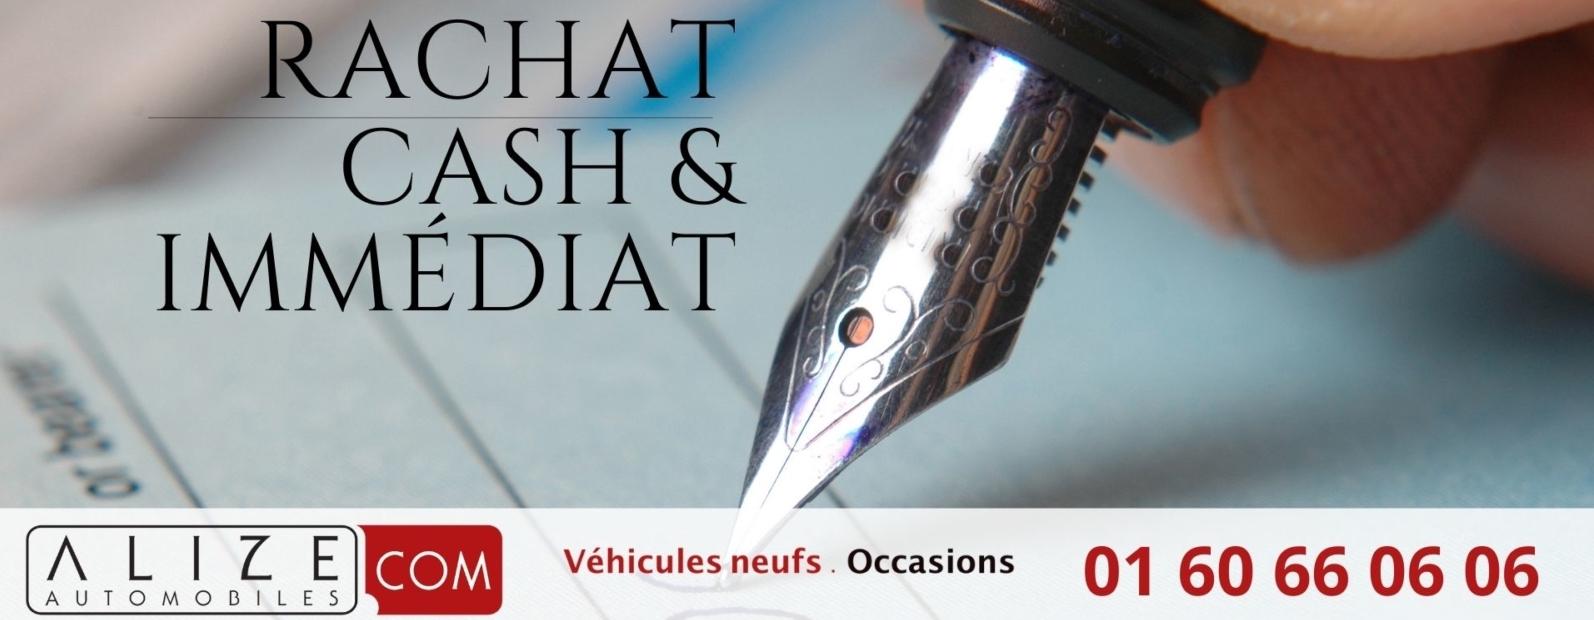 Alizé Automobiles rachète votre véhicule cash